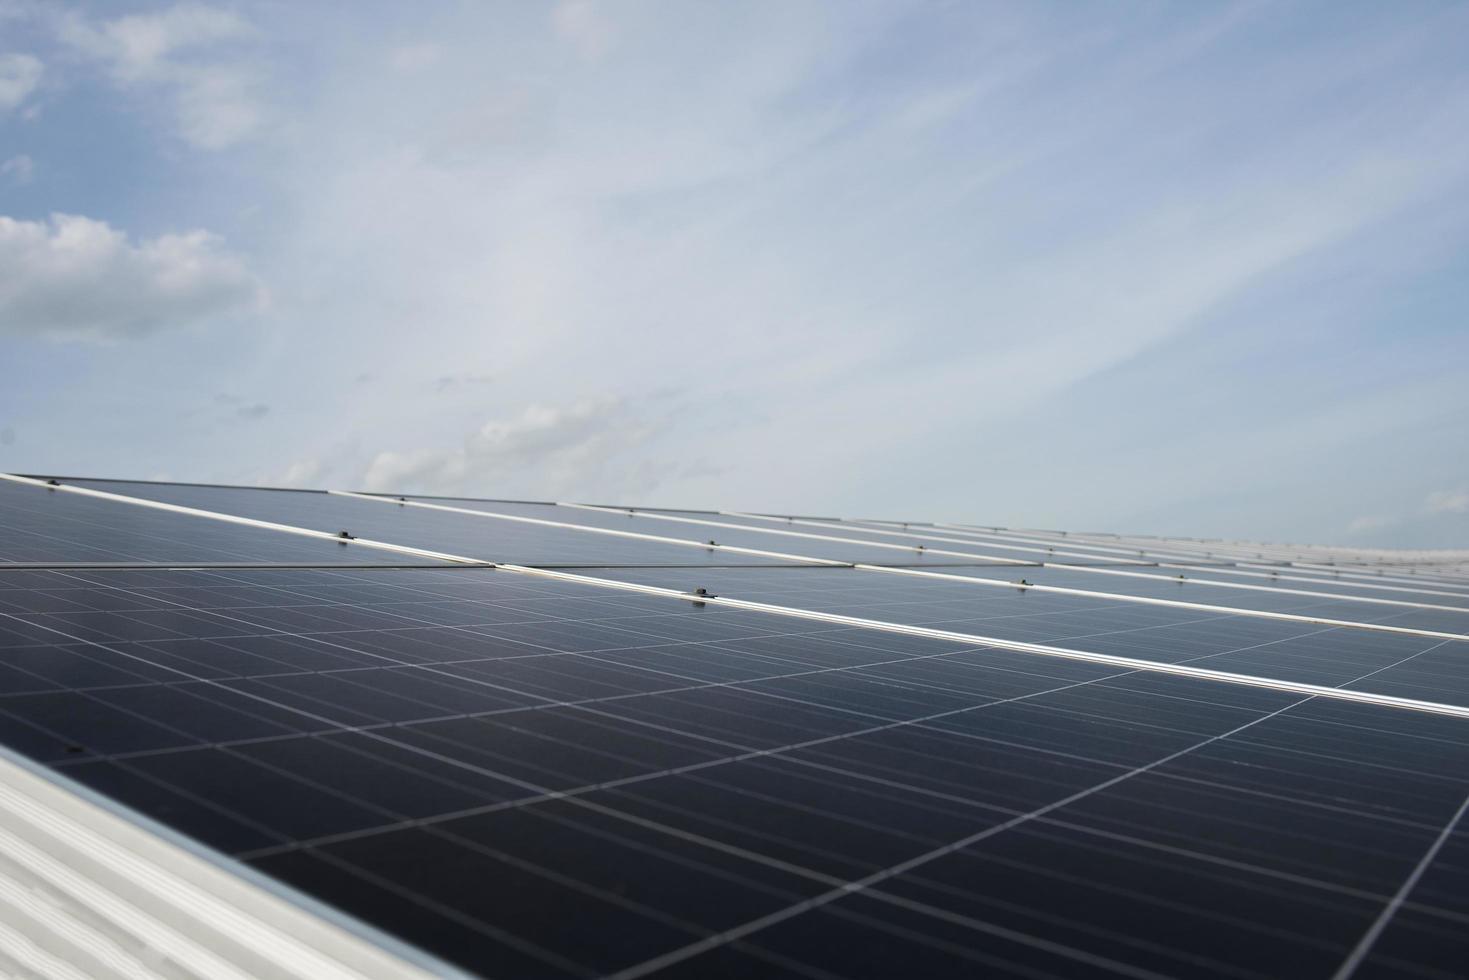 Solar cell farm power station photo